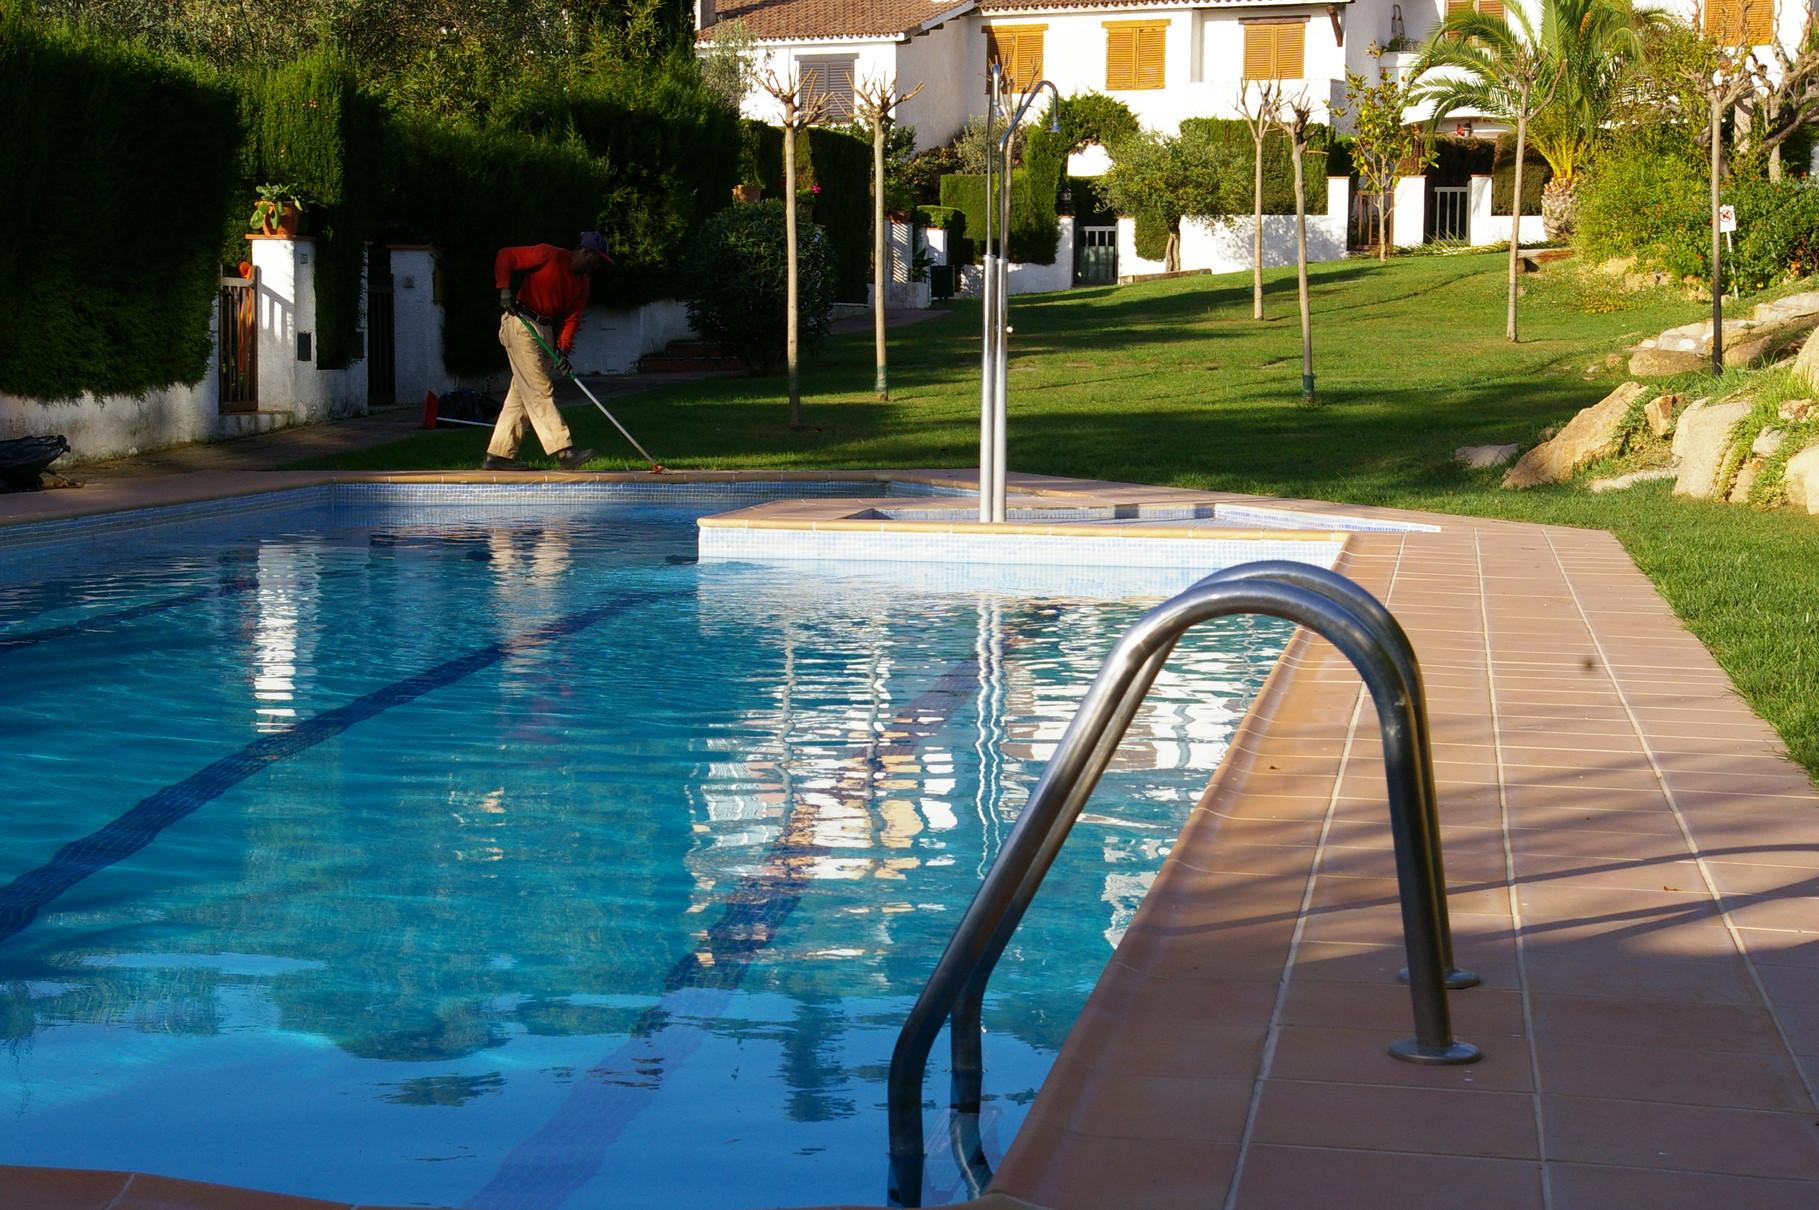 piscina comunitària